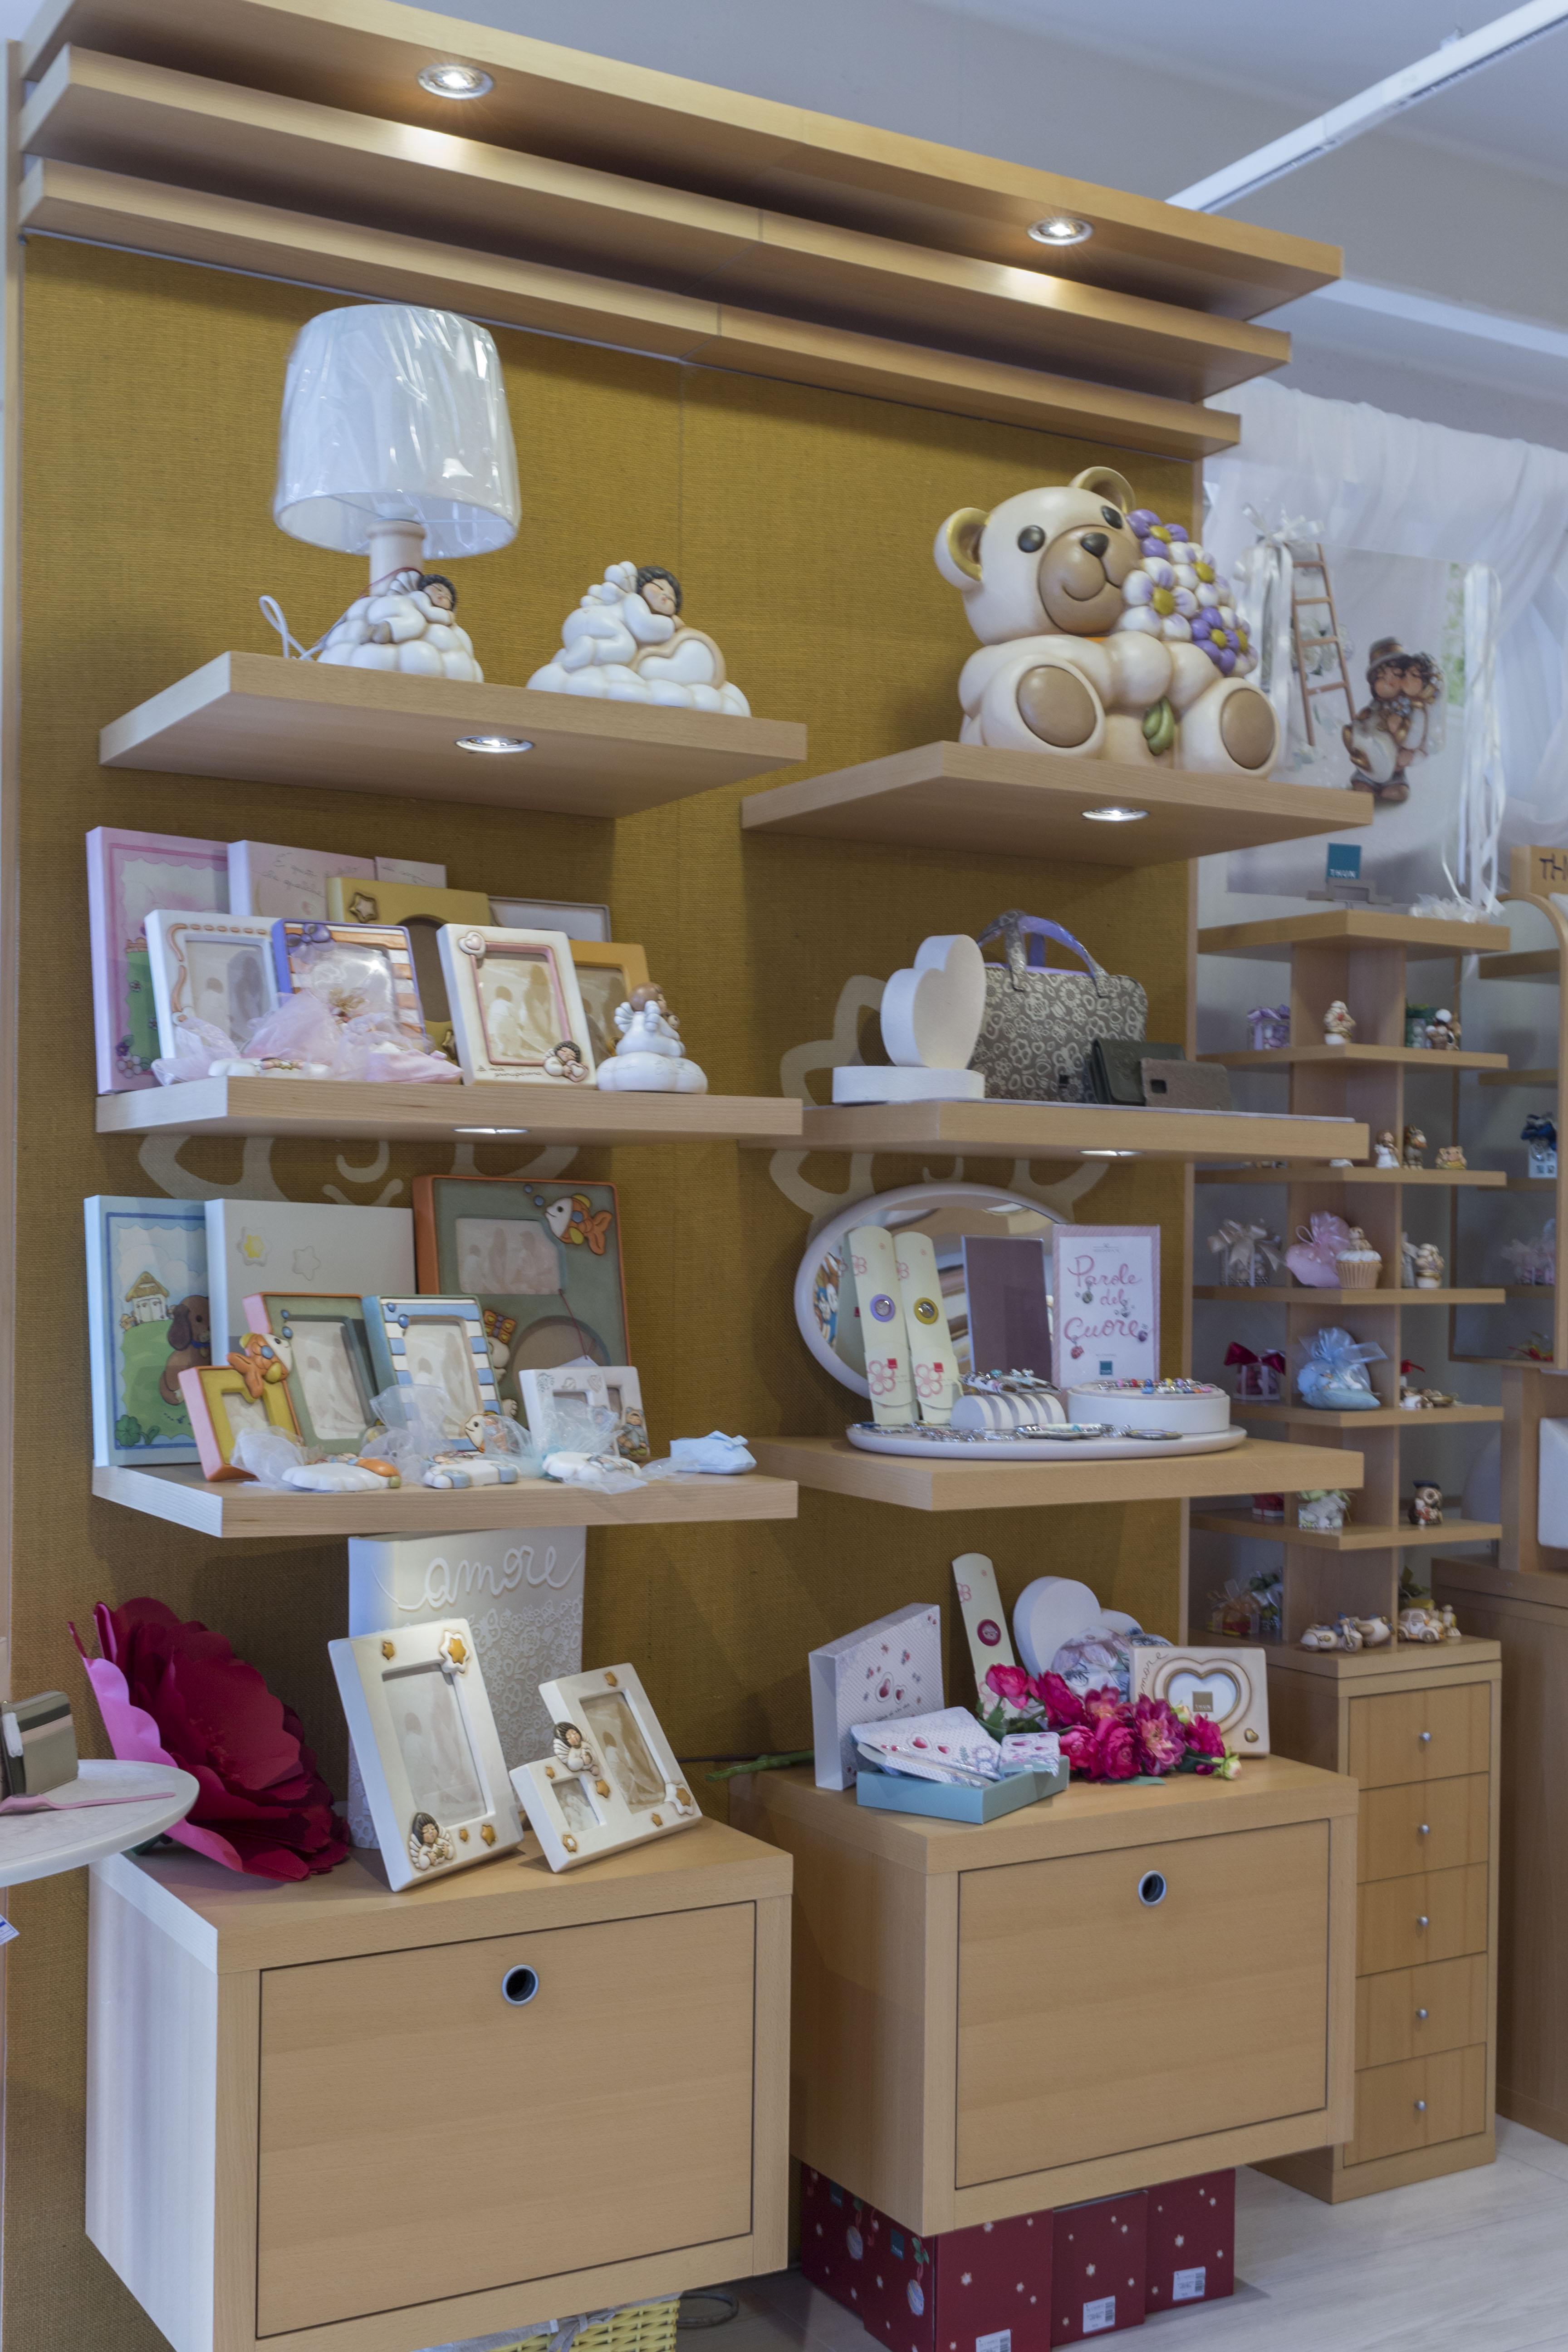 Lista nozze bomboniere art regalo e idee per la casa da for Idee per la casa